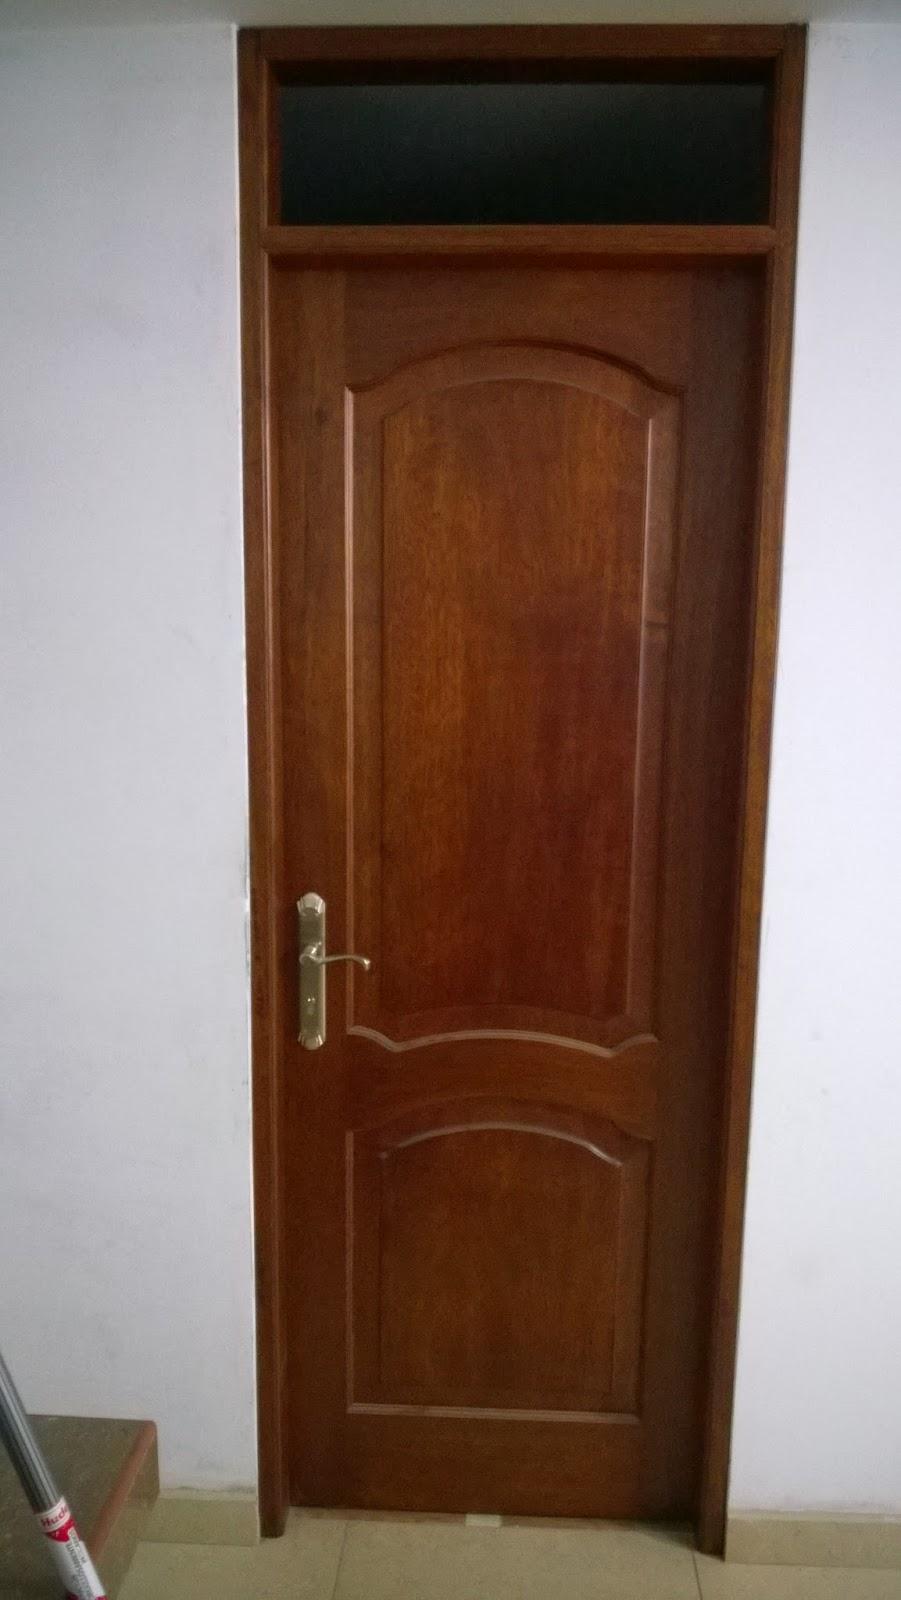 Puerta Interior De Madera Tornillo Carpinteria Juguetes